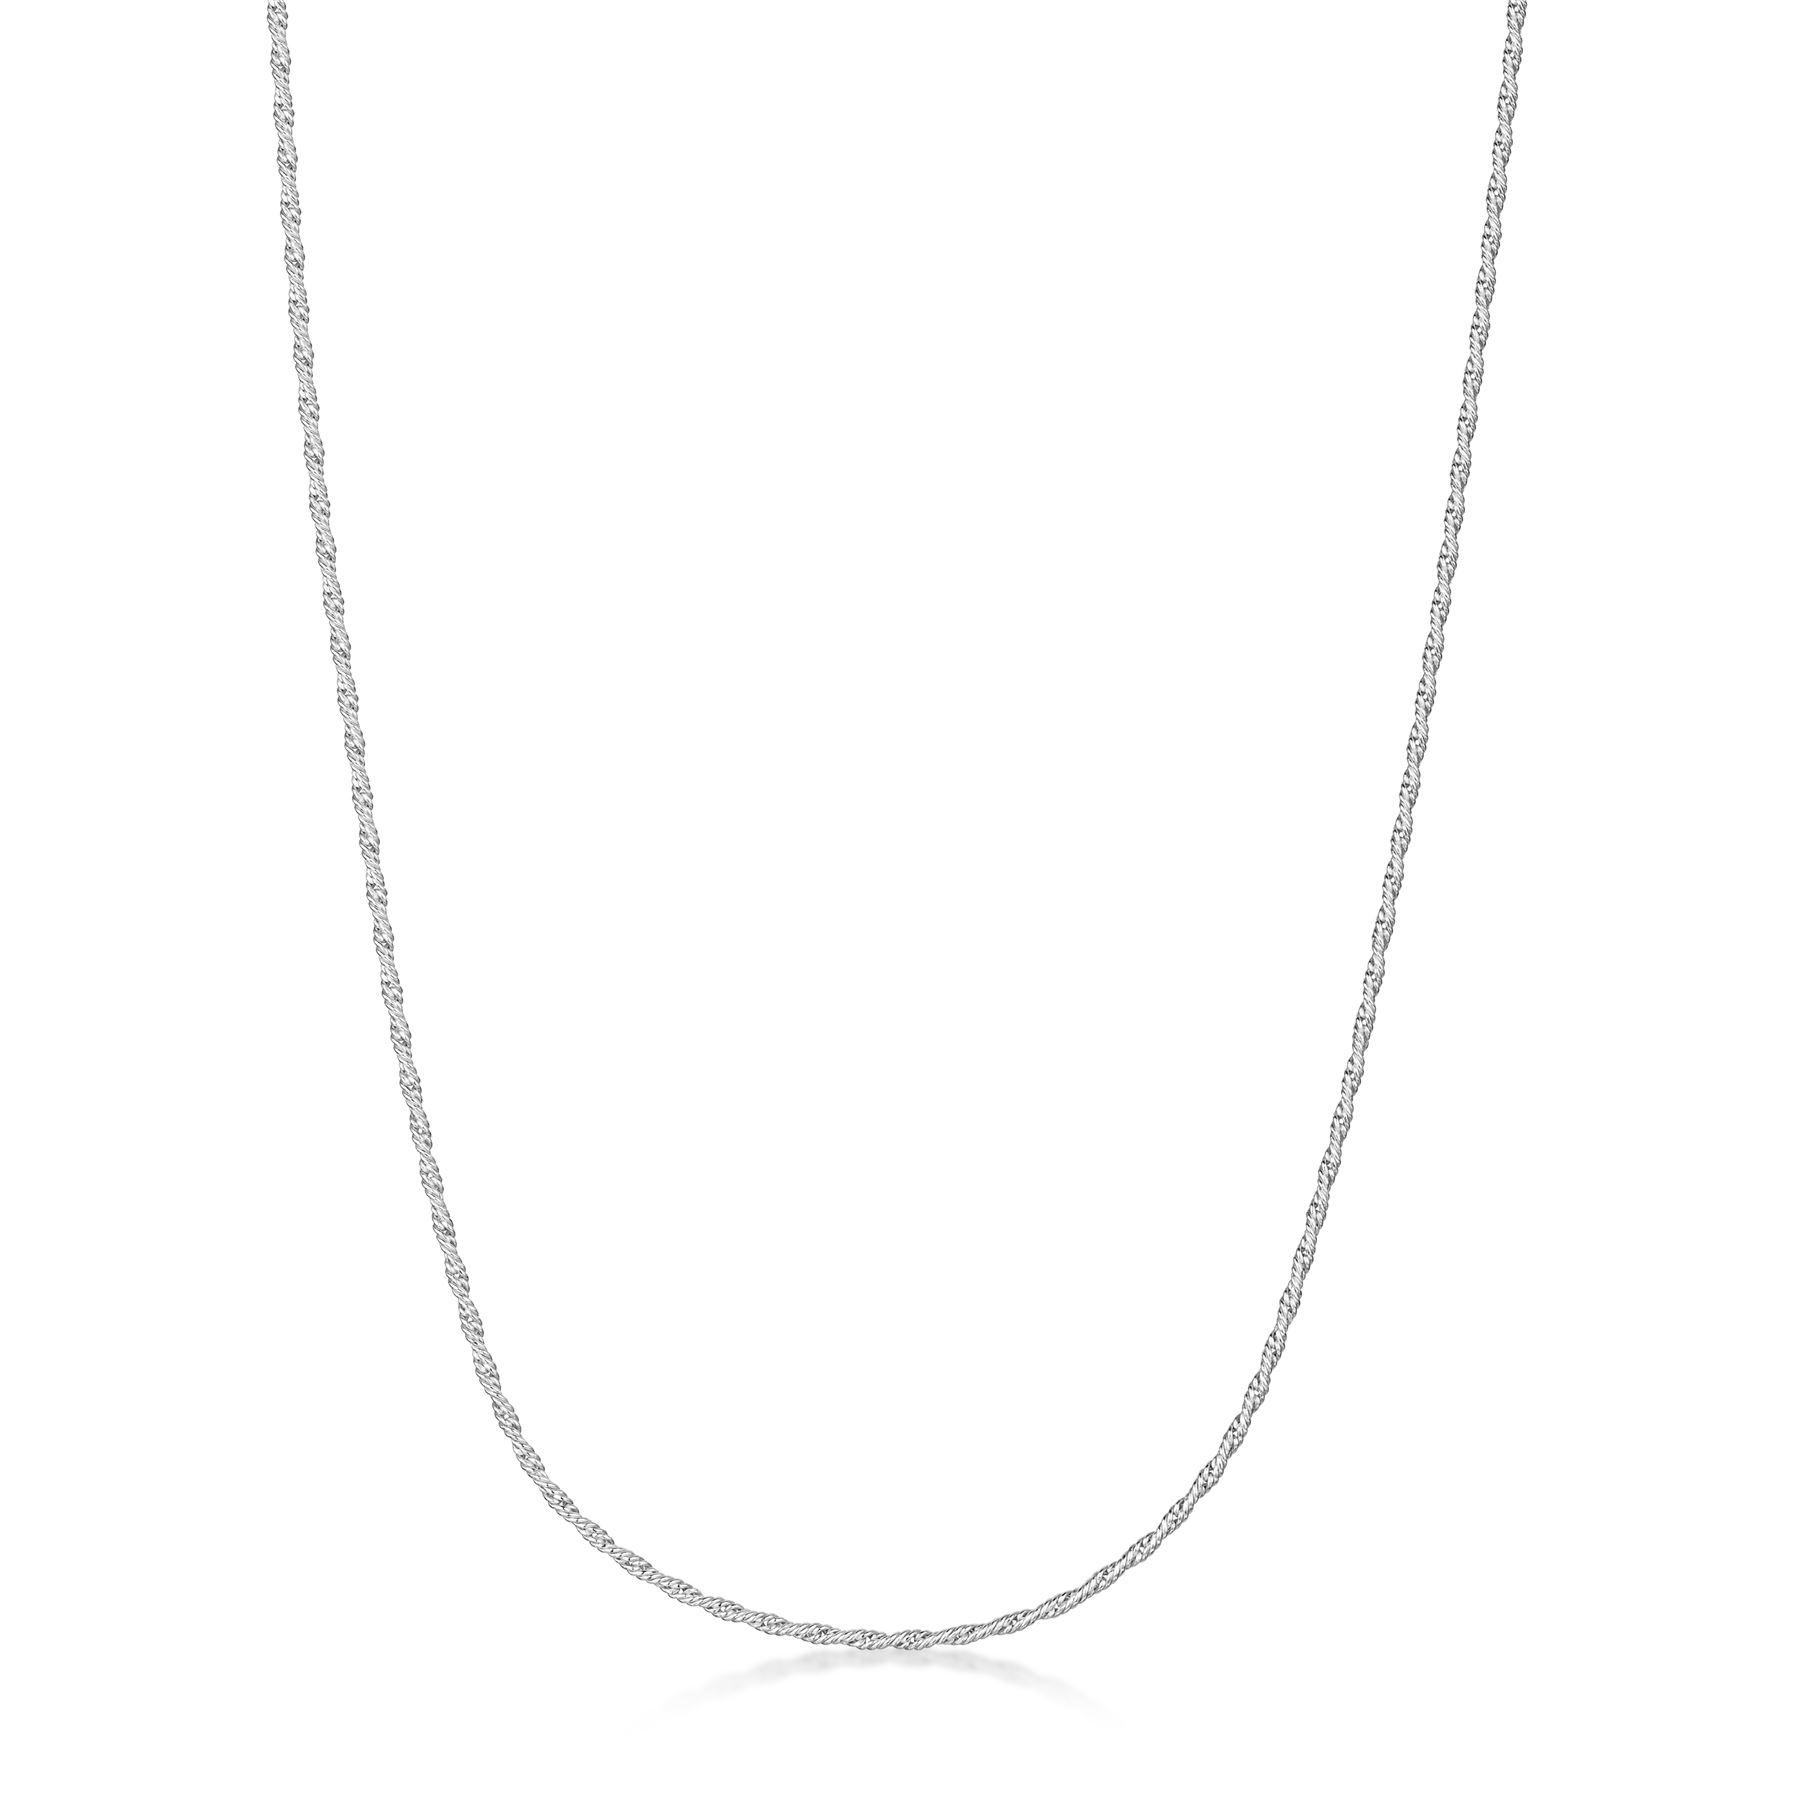 Amberta-Collar-en-Plata-De-Ley-925-Autentica-Cadena-para-Mujer-y-Hombre-Italiana miniatura 29